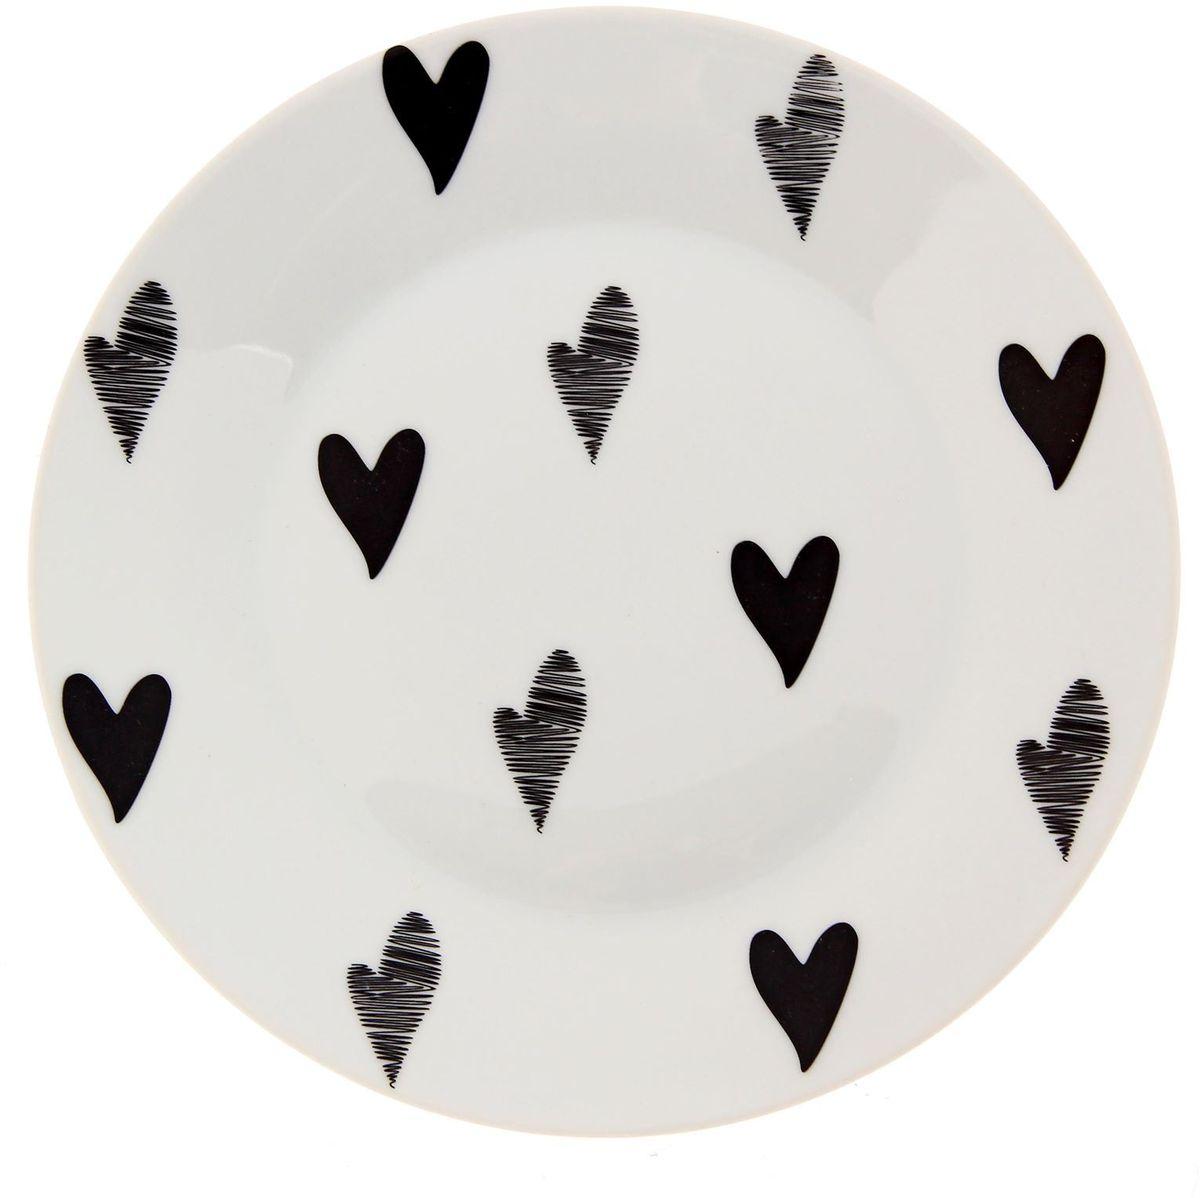 Тарелка мелкая Сотвори чудо Маленькое сердце, диаметр 20 см тарелка мелкая сотвори чудо полярный мишка диаметр 20 см